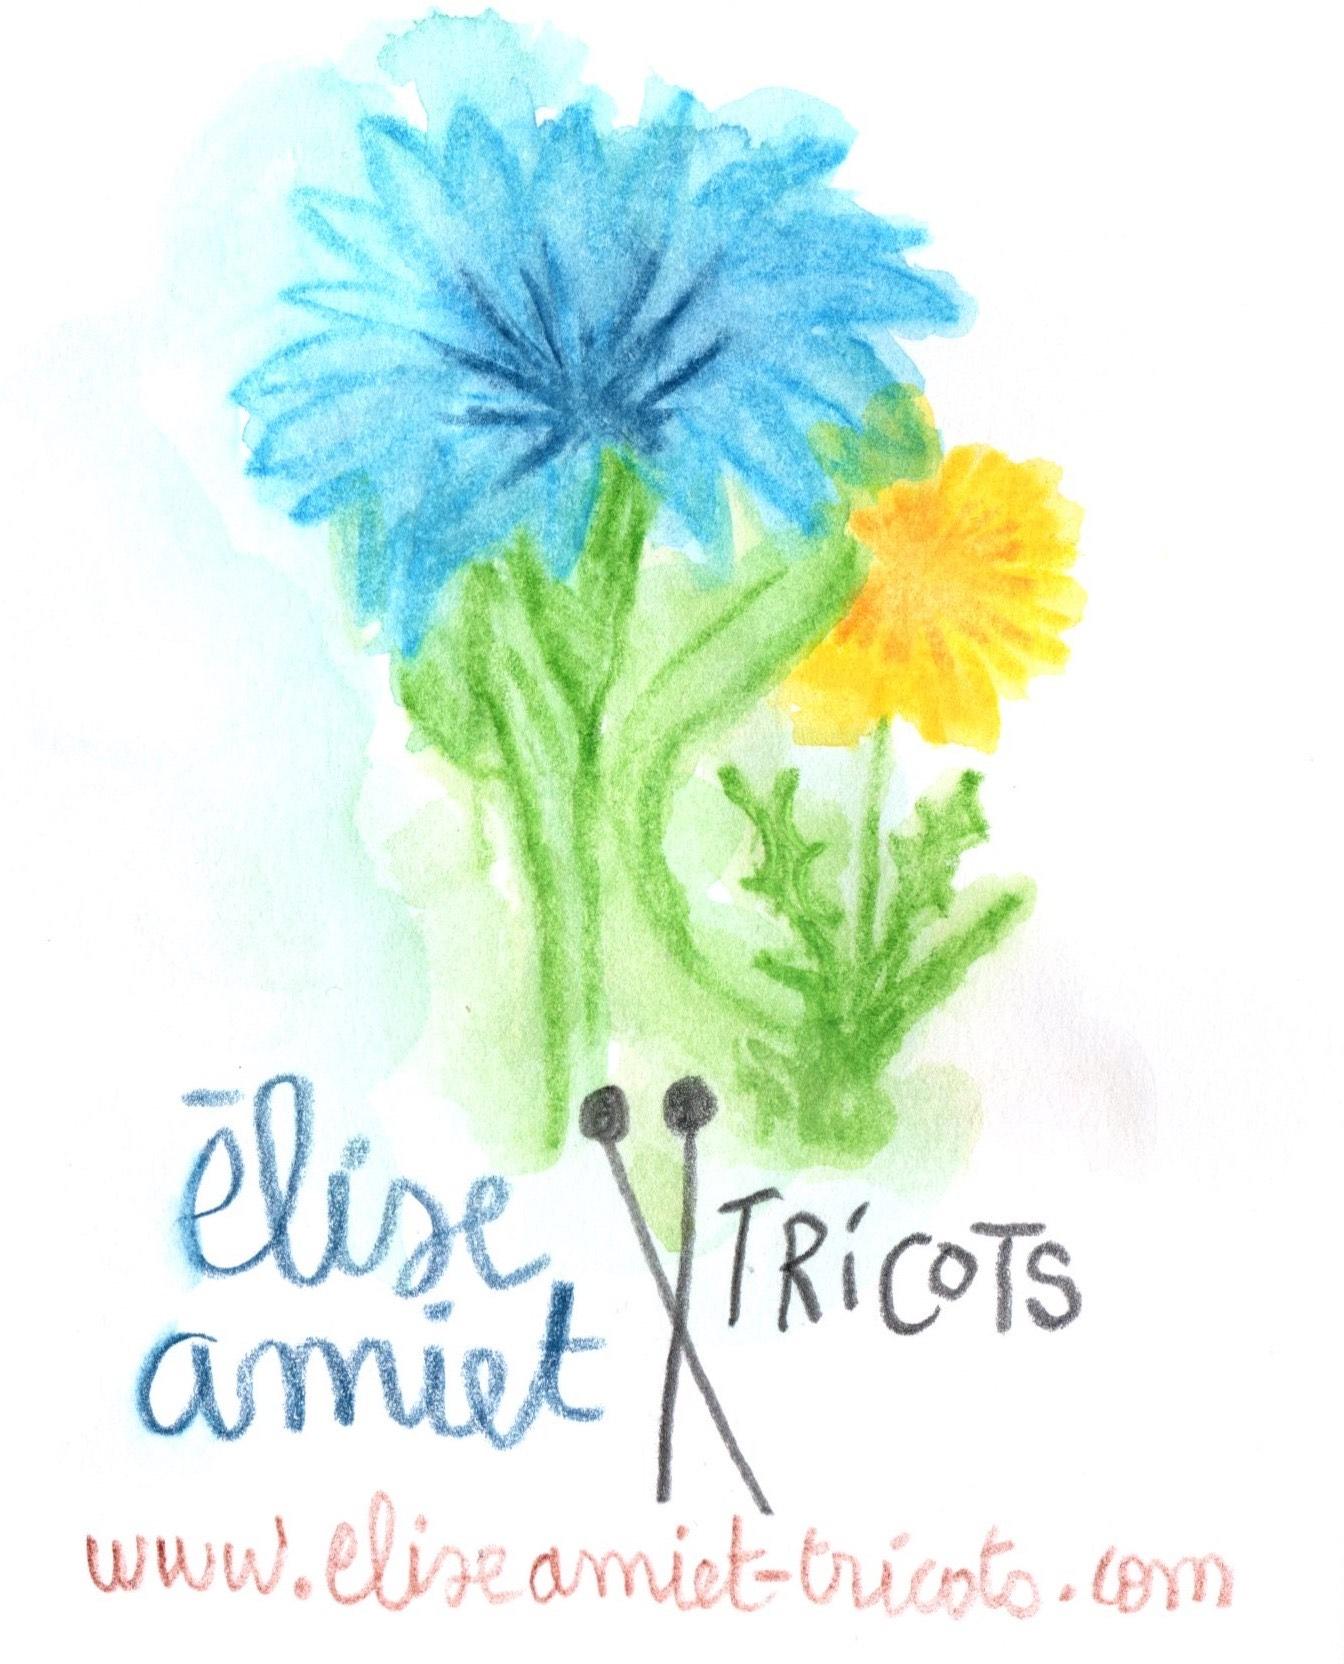 Elise Amiet Tricots